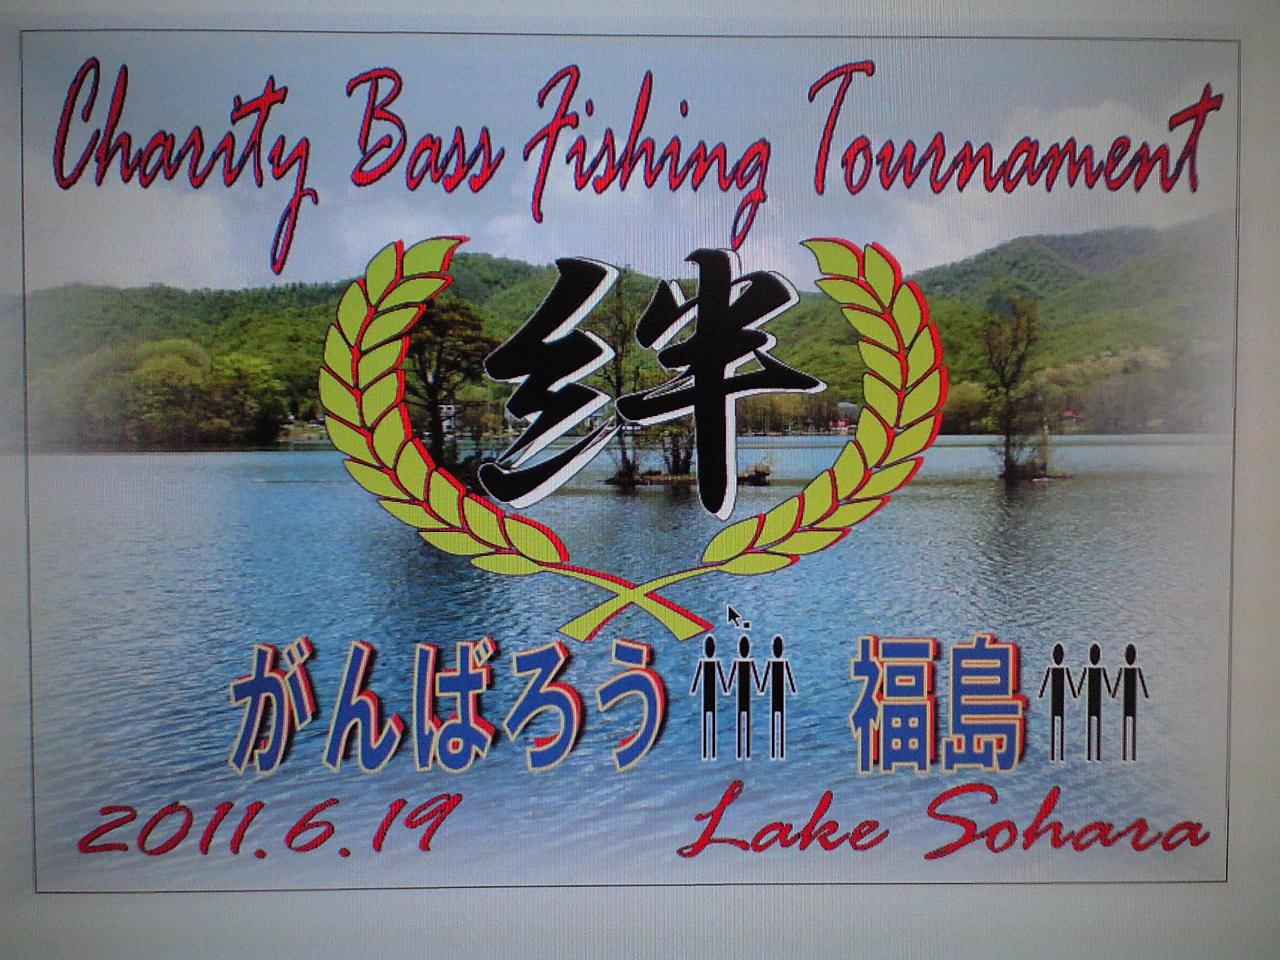 曽原湖チャリティー『絆』トーナメント